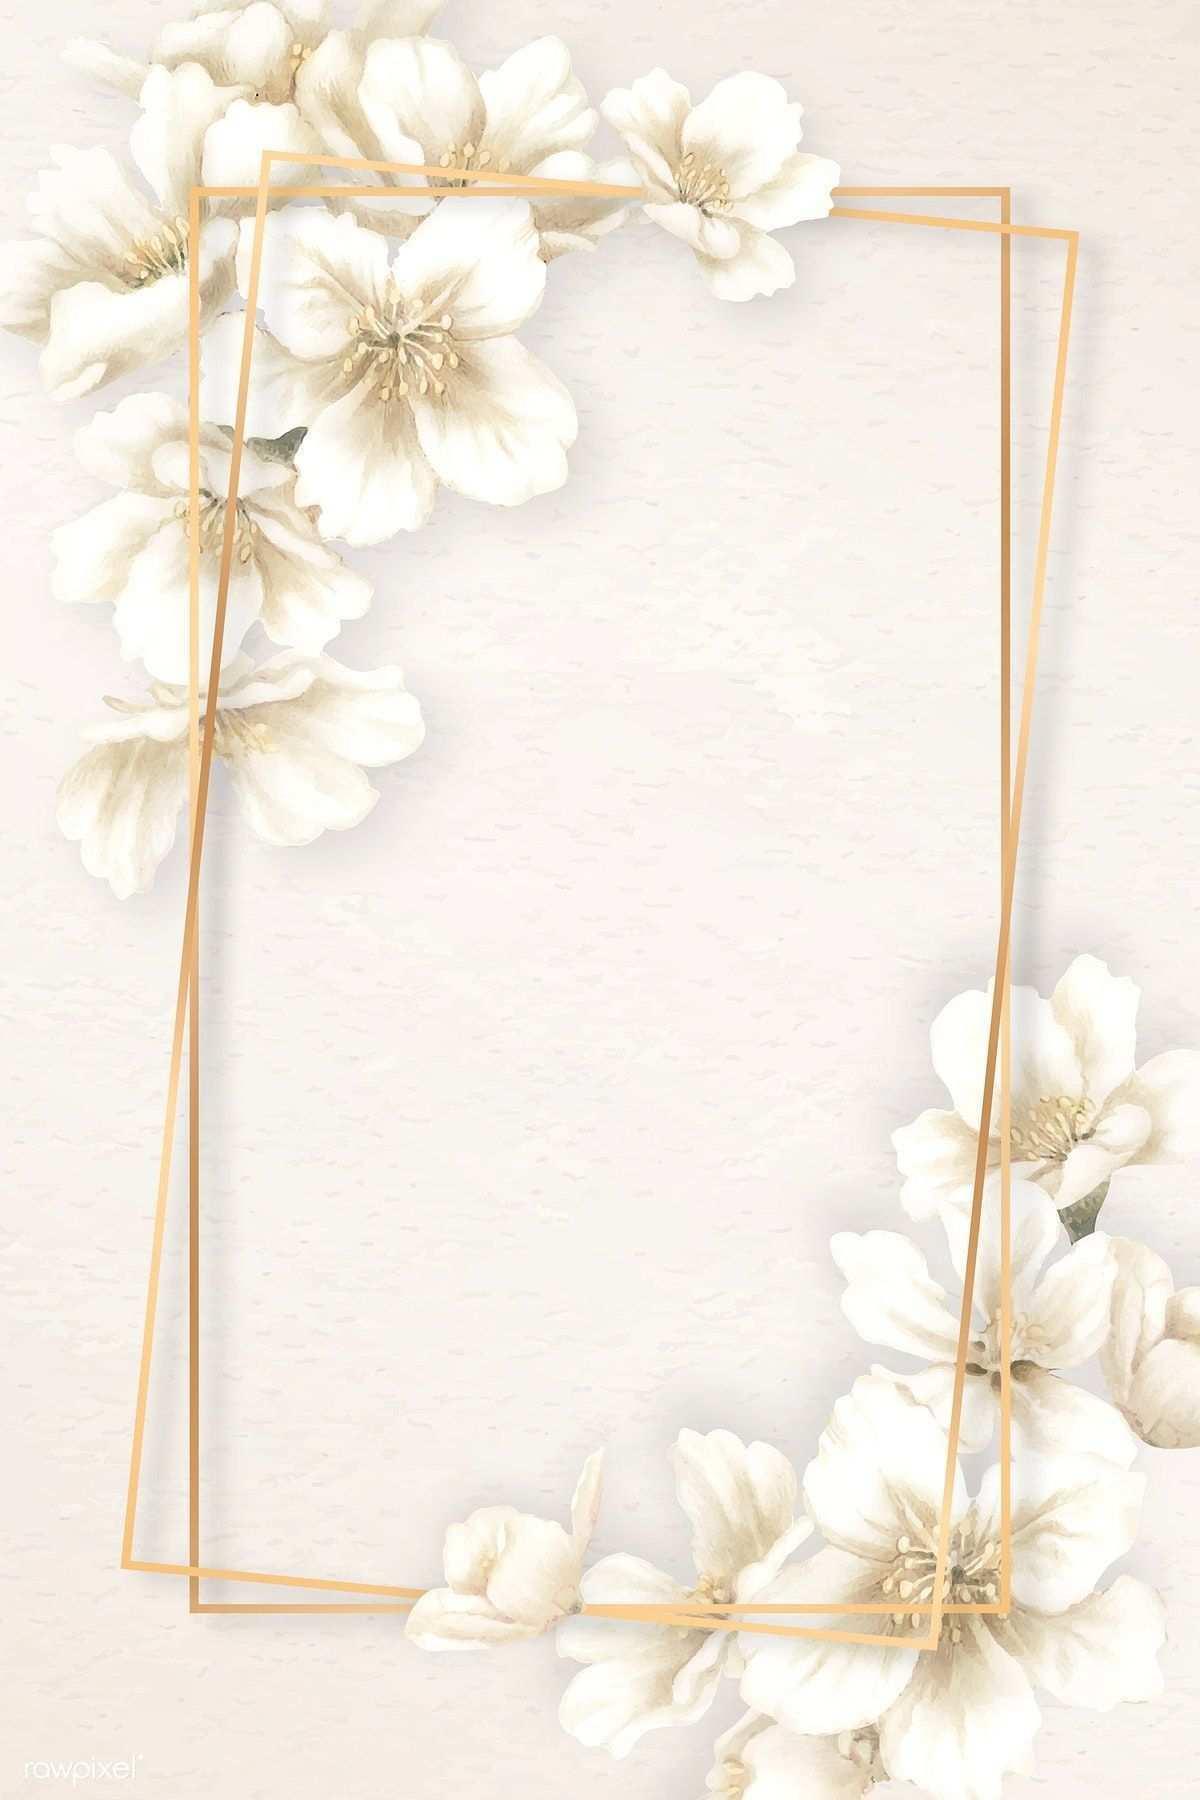 Download Premium Vektor Von Rechteck Kirschblute Rahmen Vektor 936940 Nail S In 2020 Pastell Hintergrund Hintergrundmuster Hintergrundbilder Blumen